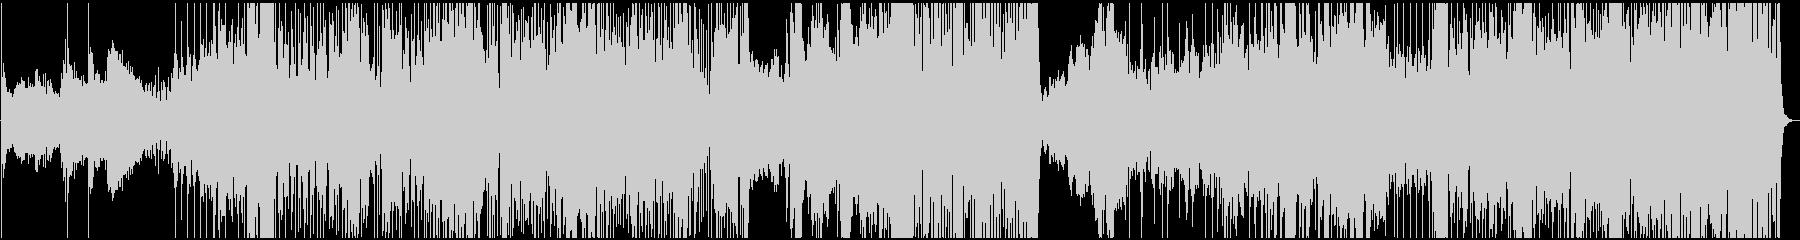 ドラマティックなフュージョン風BGMの未再生の波形